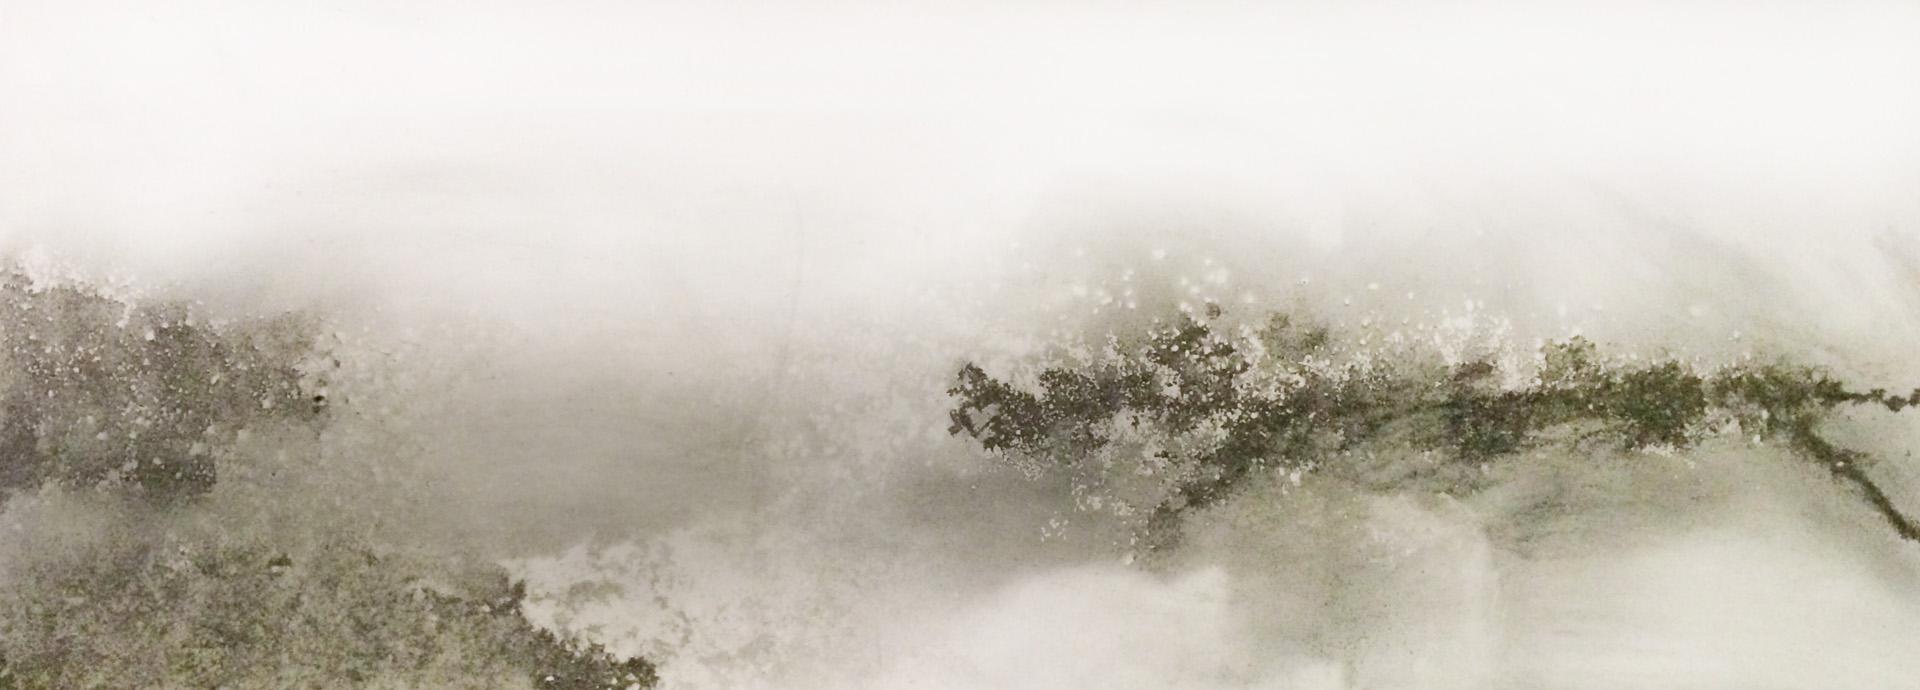 Fog at the Coast